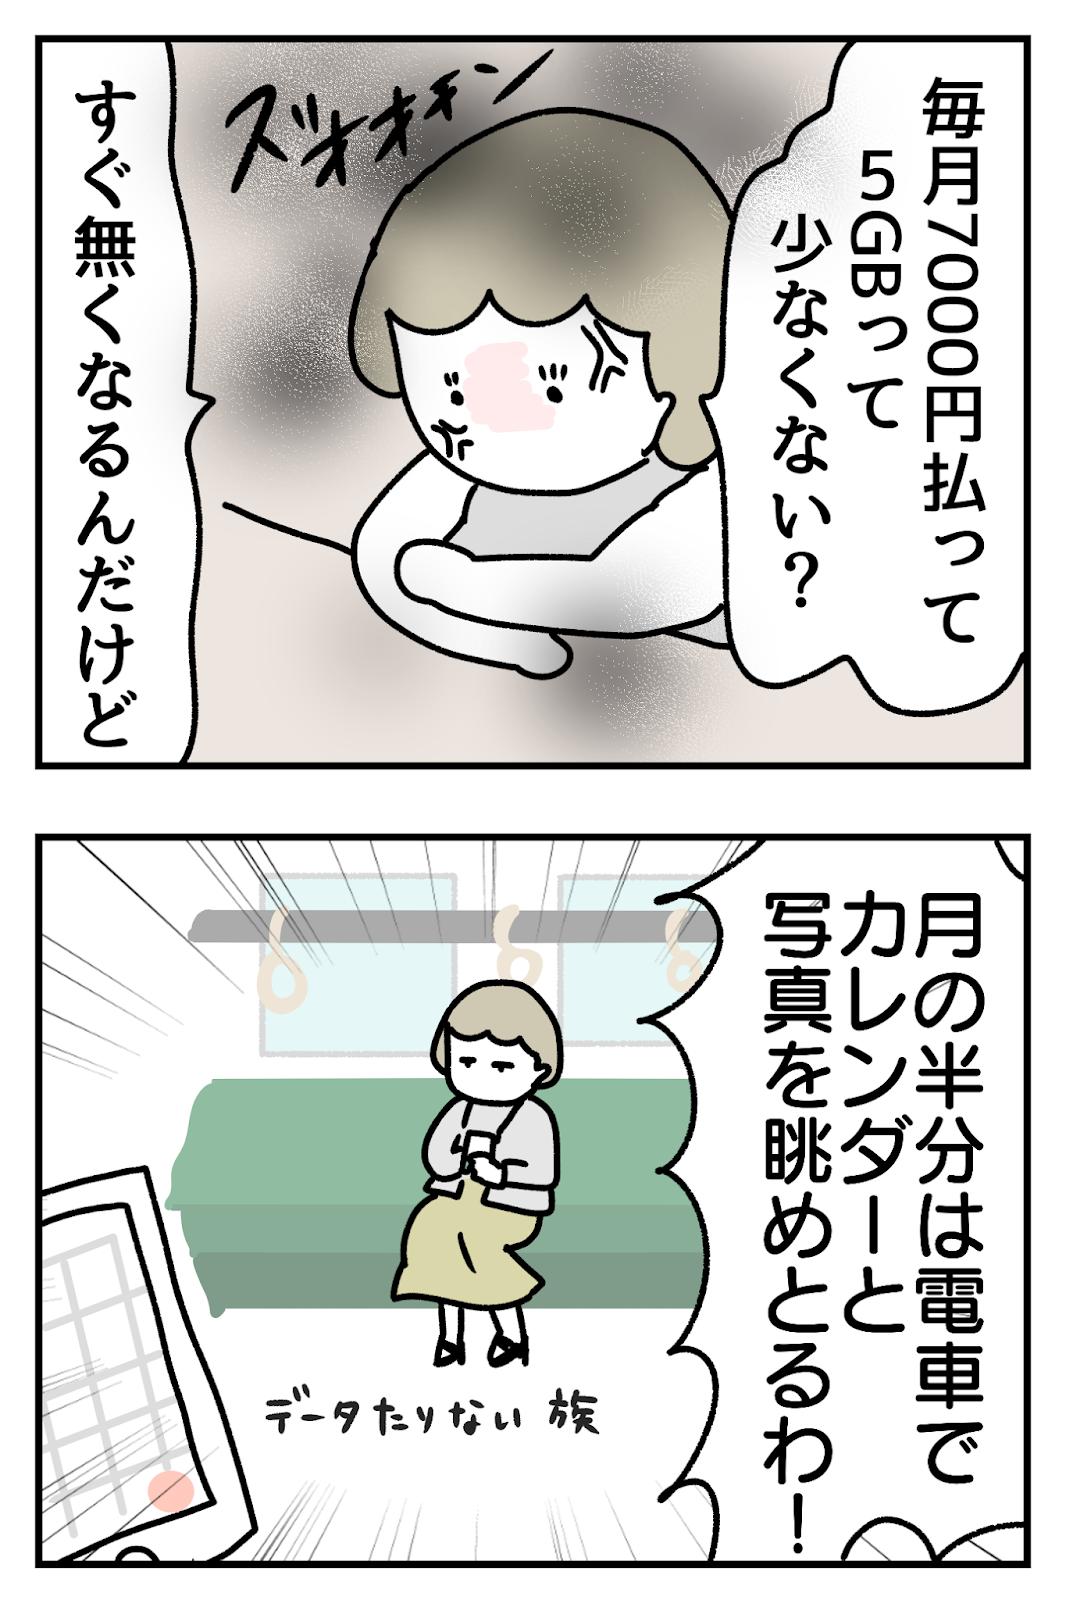 携帯のデータ量がすぐなくなって電車でカレンダーを眺める人の漫画